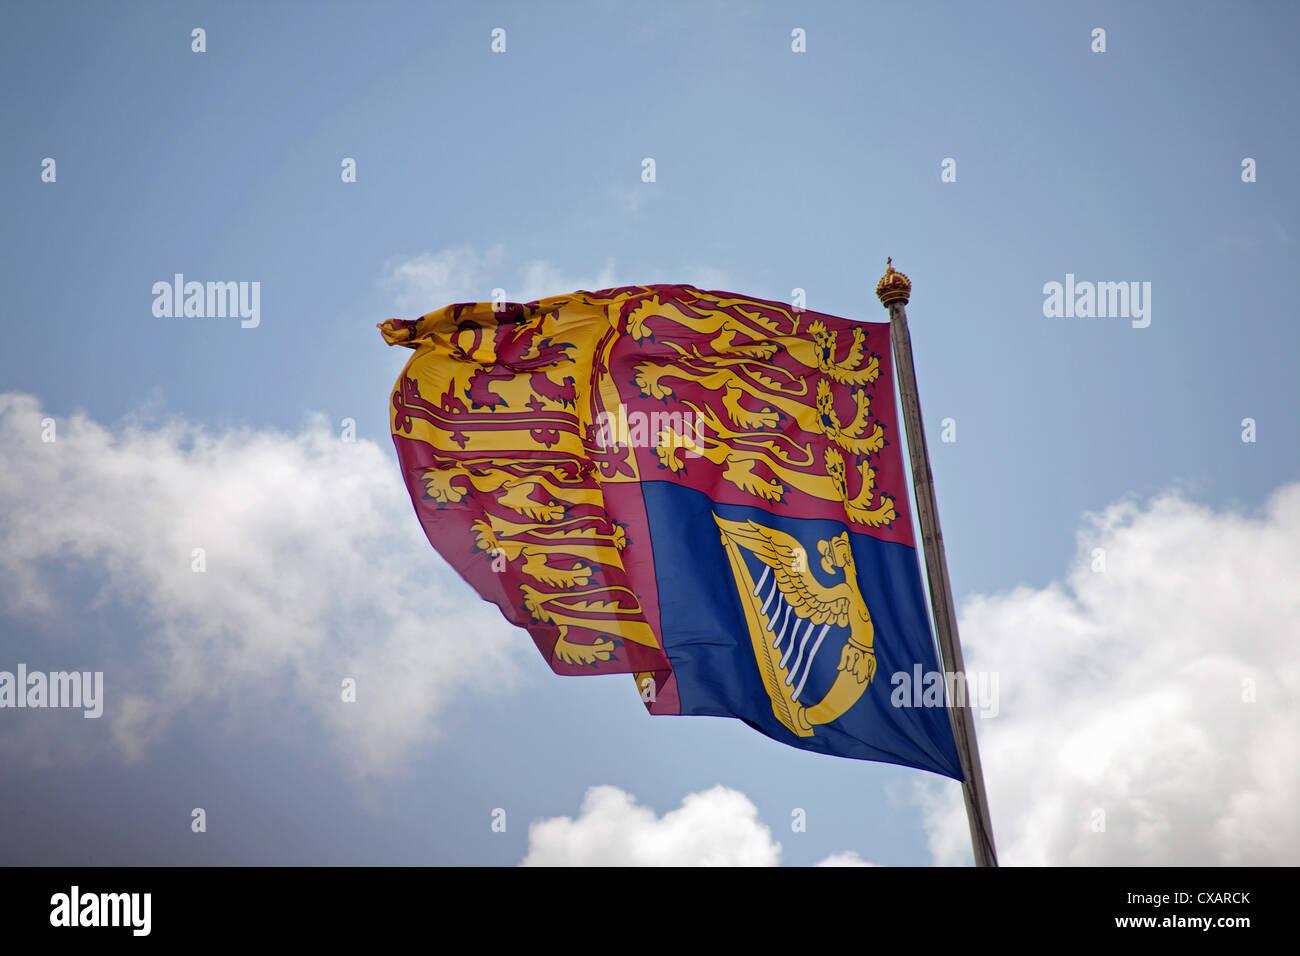 Die königliche Standarte fliegen über dem Buckingham Palace, Trooping die Farbe Zeremonie, London Stockbild